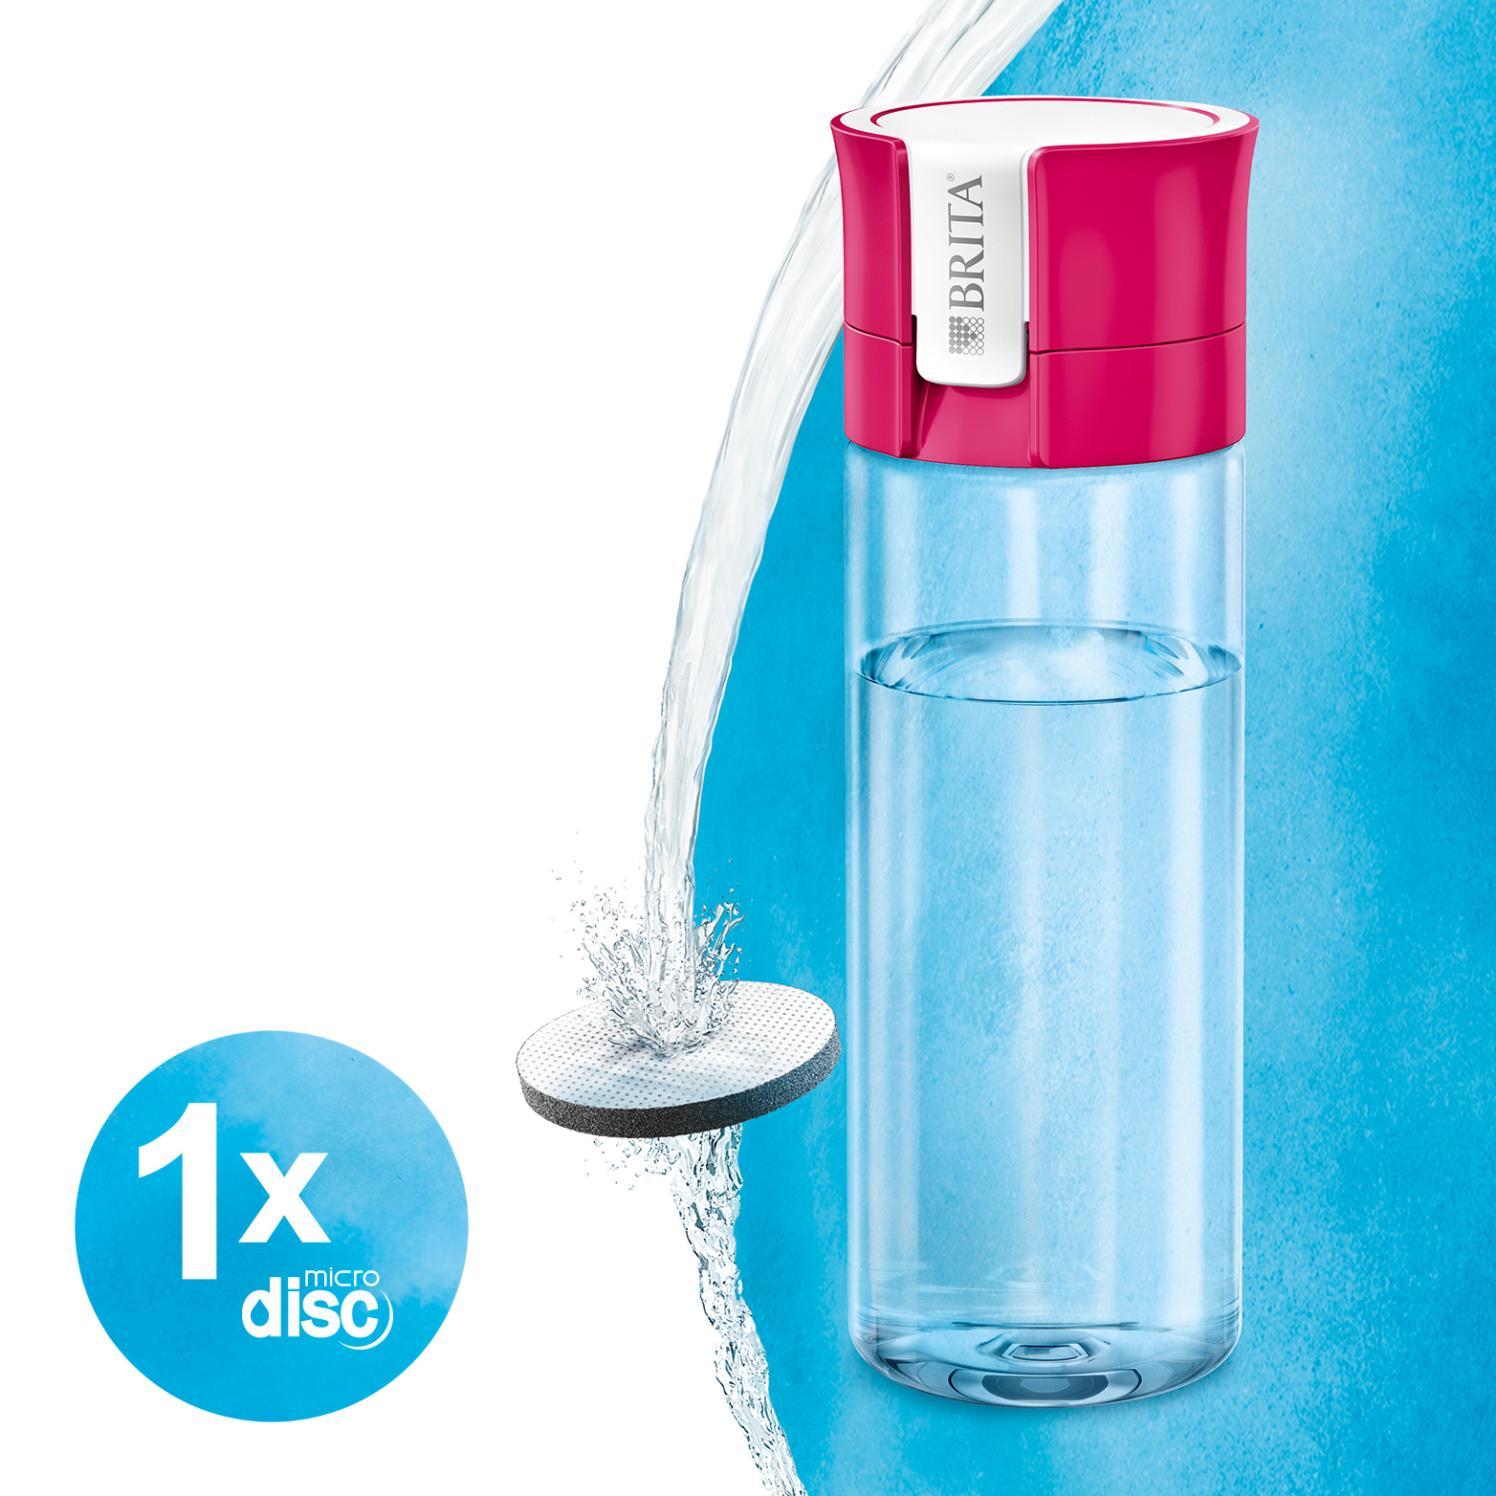 Personalverkauf - BRITA Wasserfilterflasche (fresh pink)